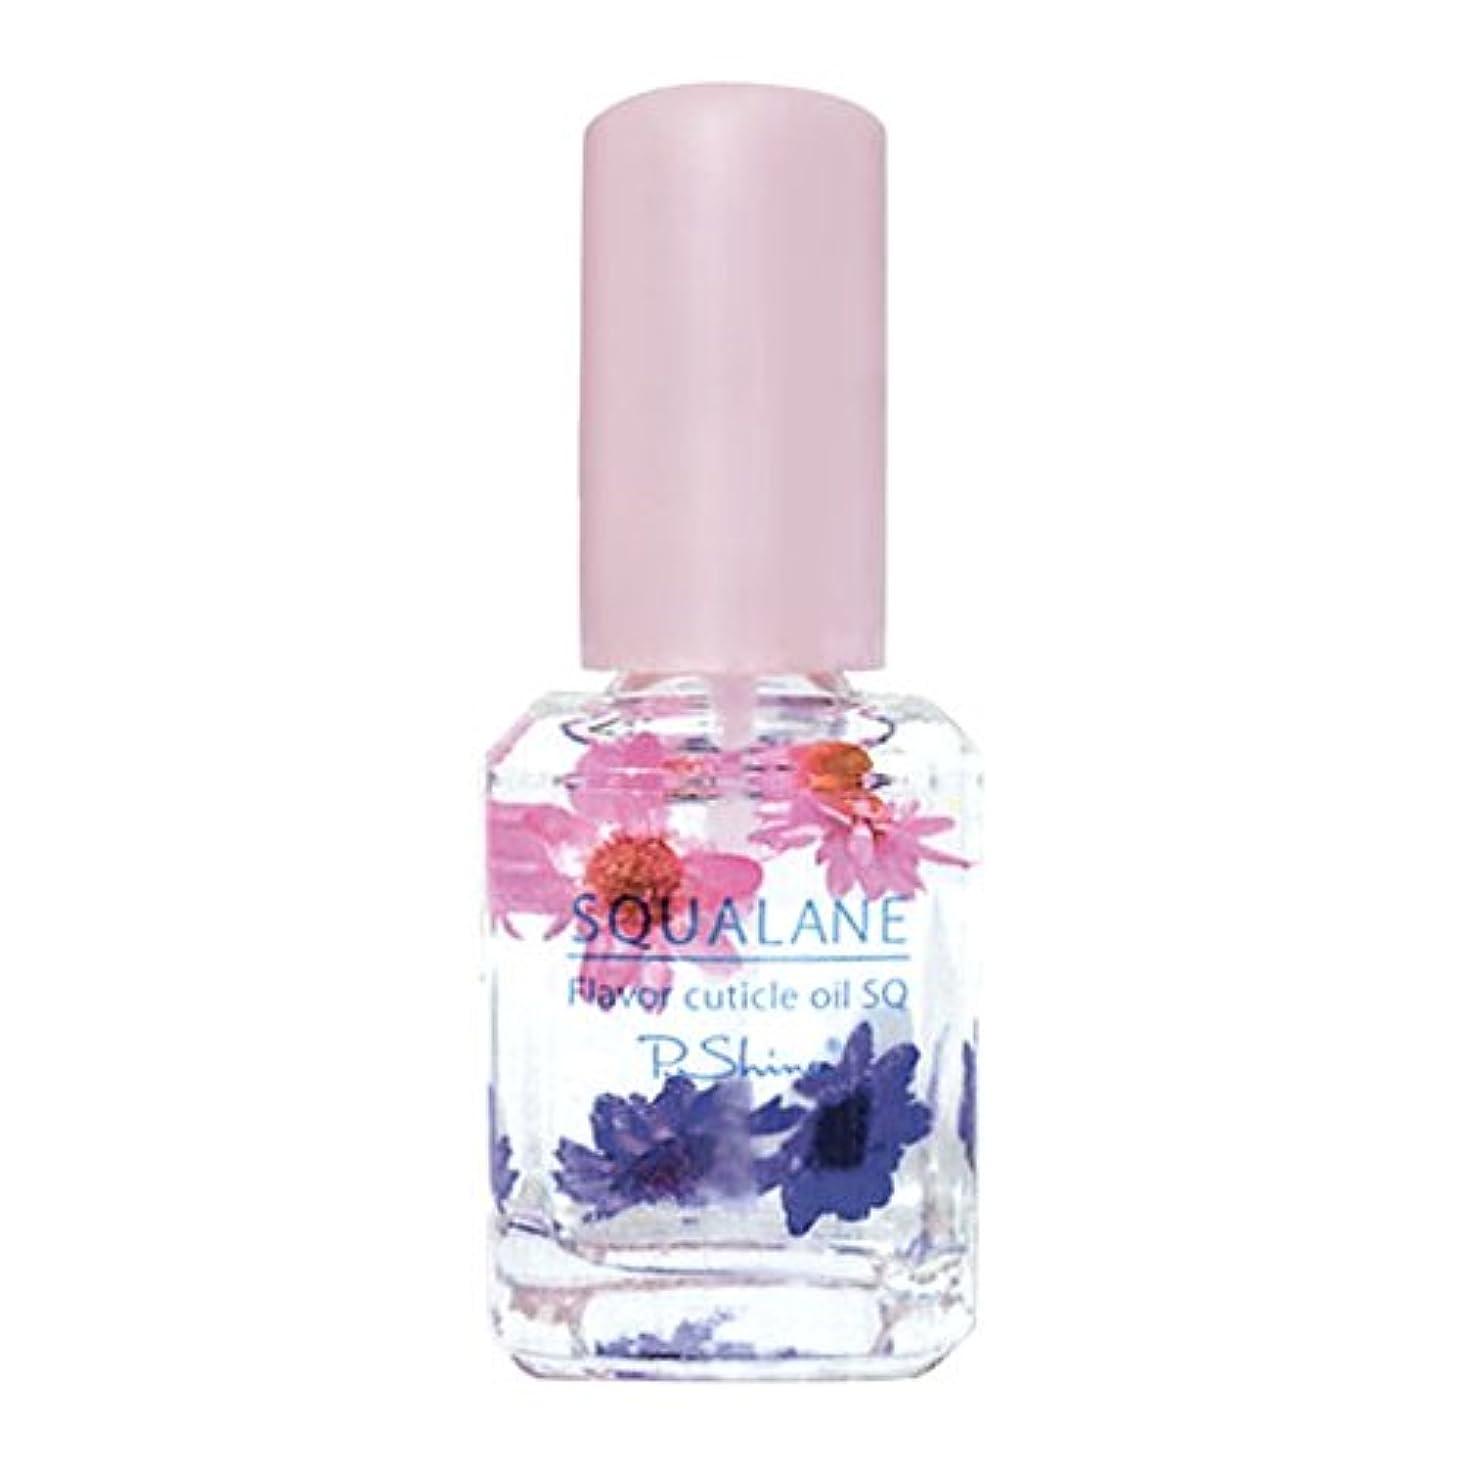 有望頑丈のヒープP. Shine フレーバーオイルSQ フラワーリゾート 南国の花の甘く優しい香り スクワランオイル